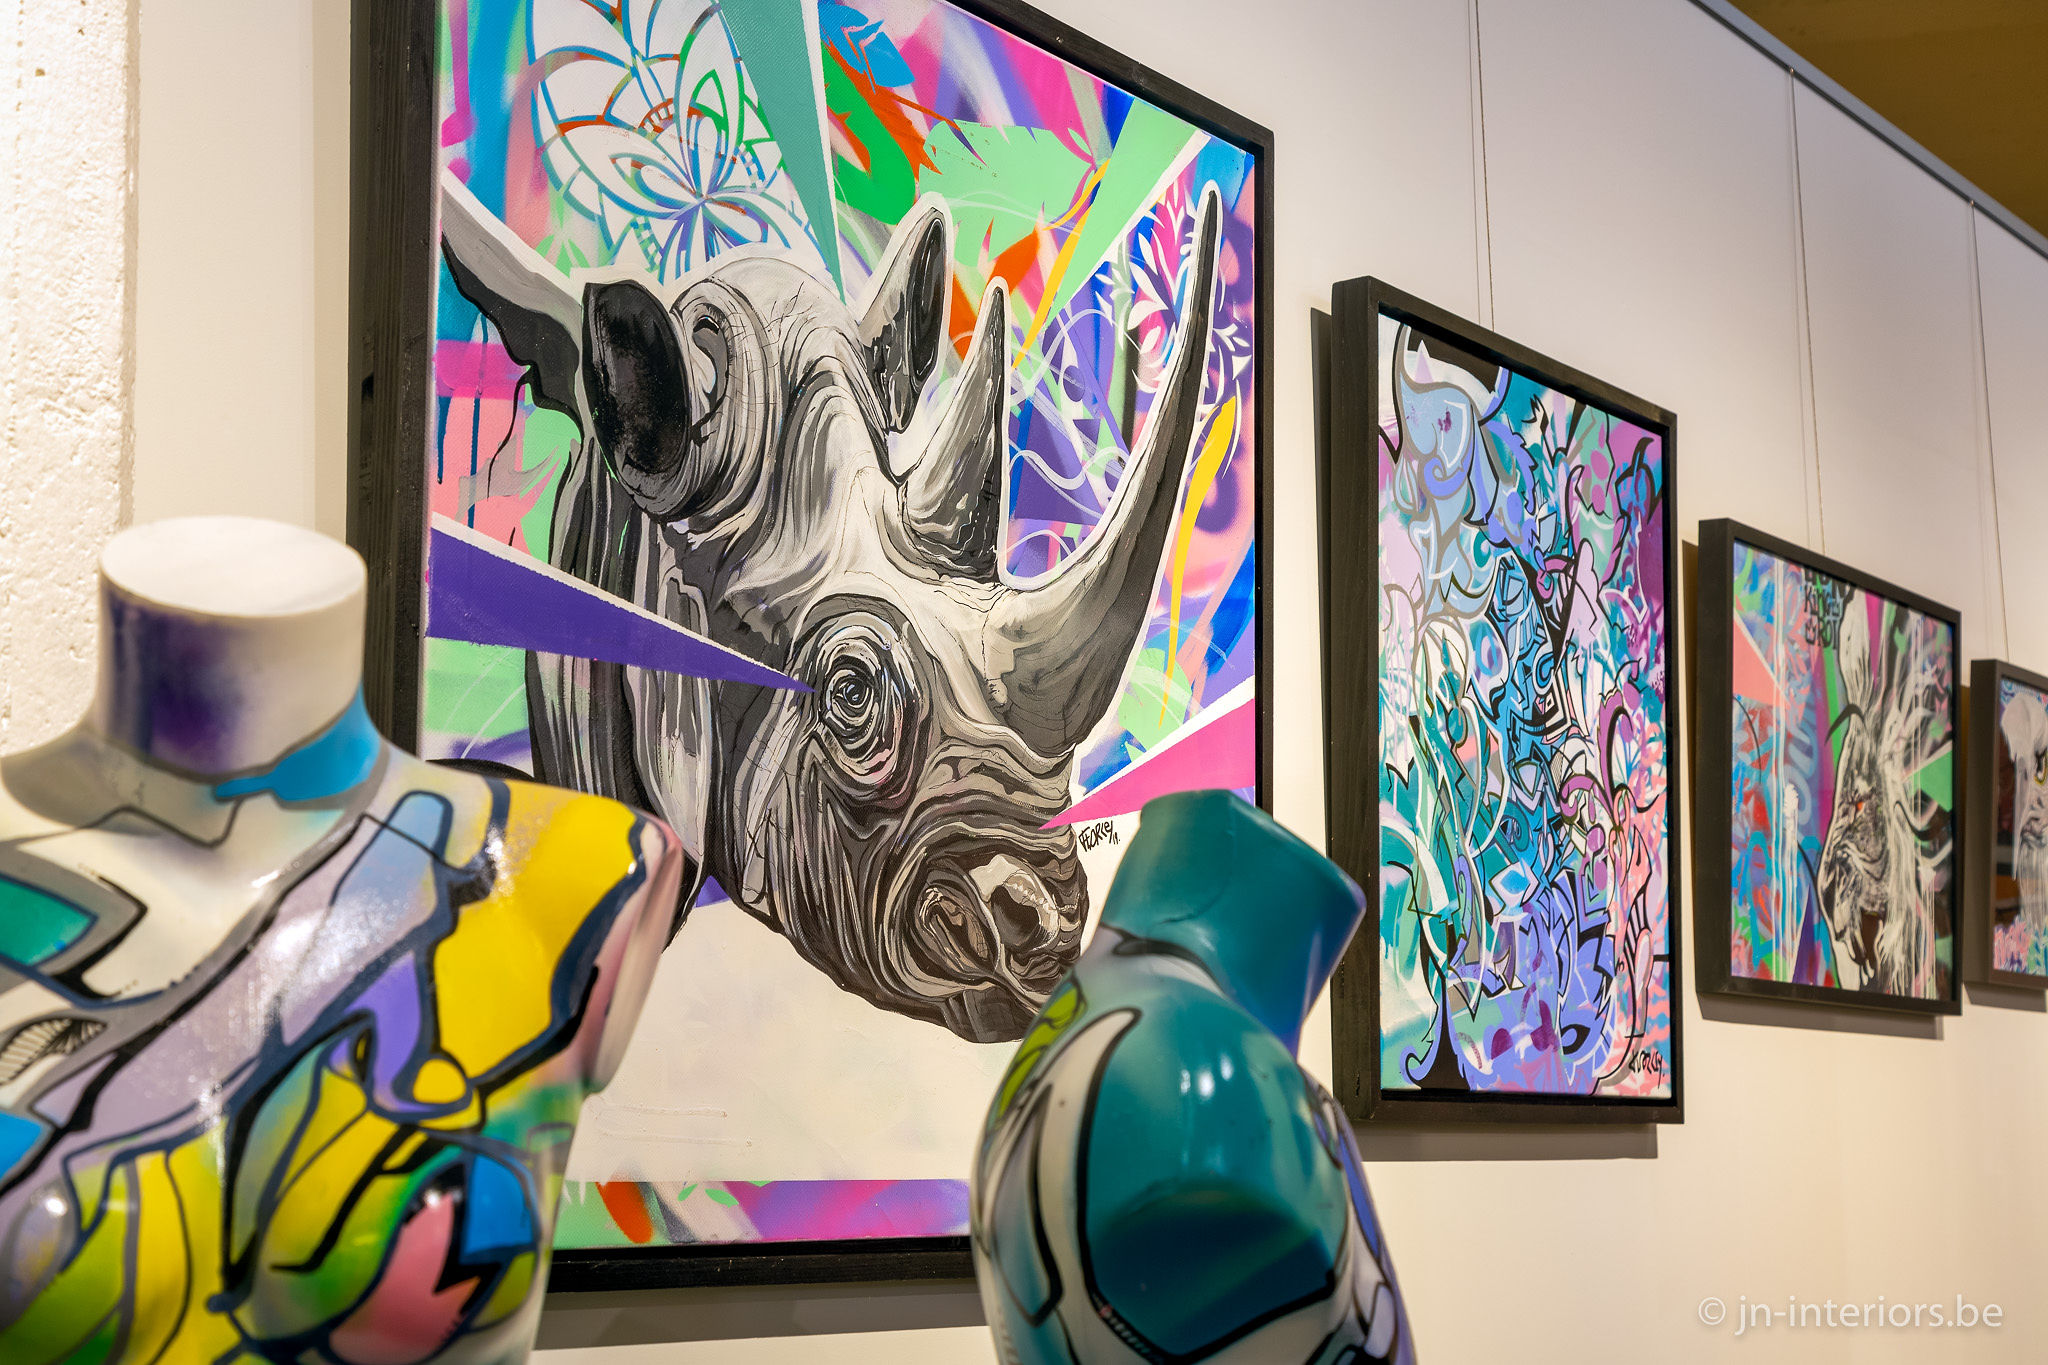 tableaux rhinoceros, rhino, tableau couleur, sculpture vert jaune, exposition d'art, galerie d'art, magasin de décoration belgique, jn interiors, jour et nuit liège verviers